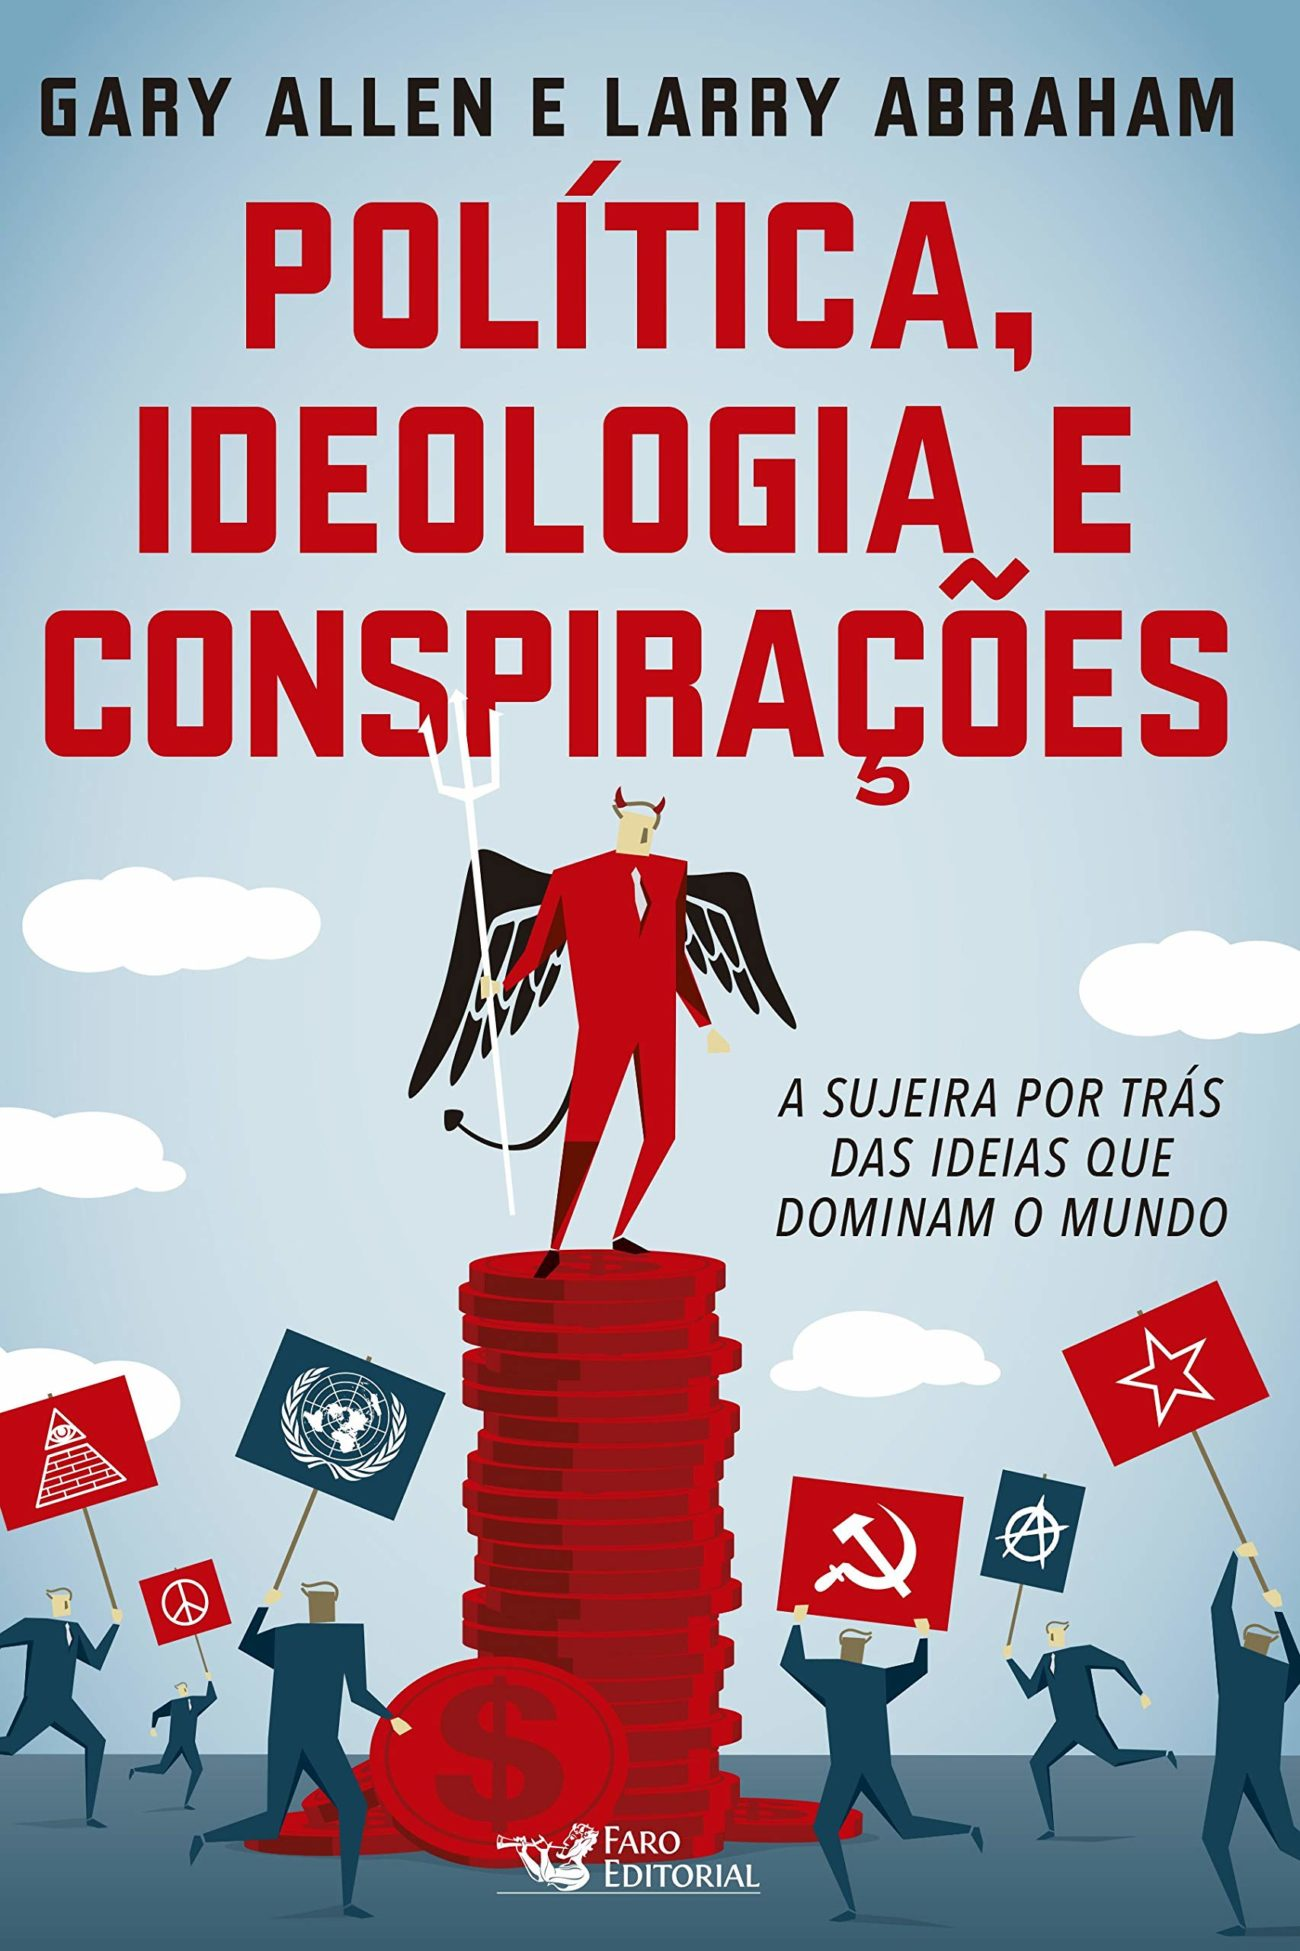 Politica, ideologia e conspirações